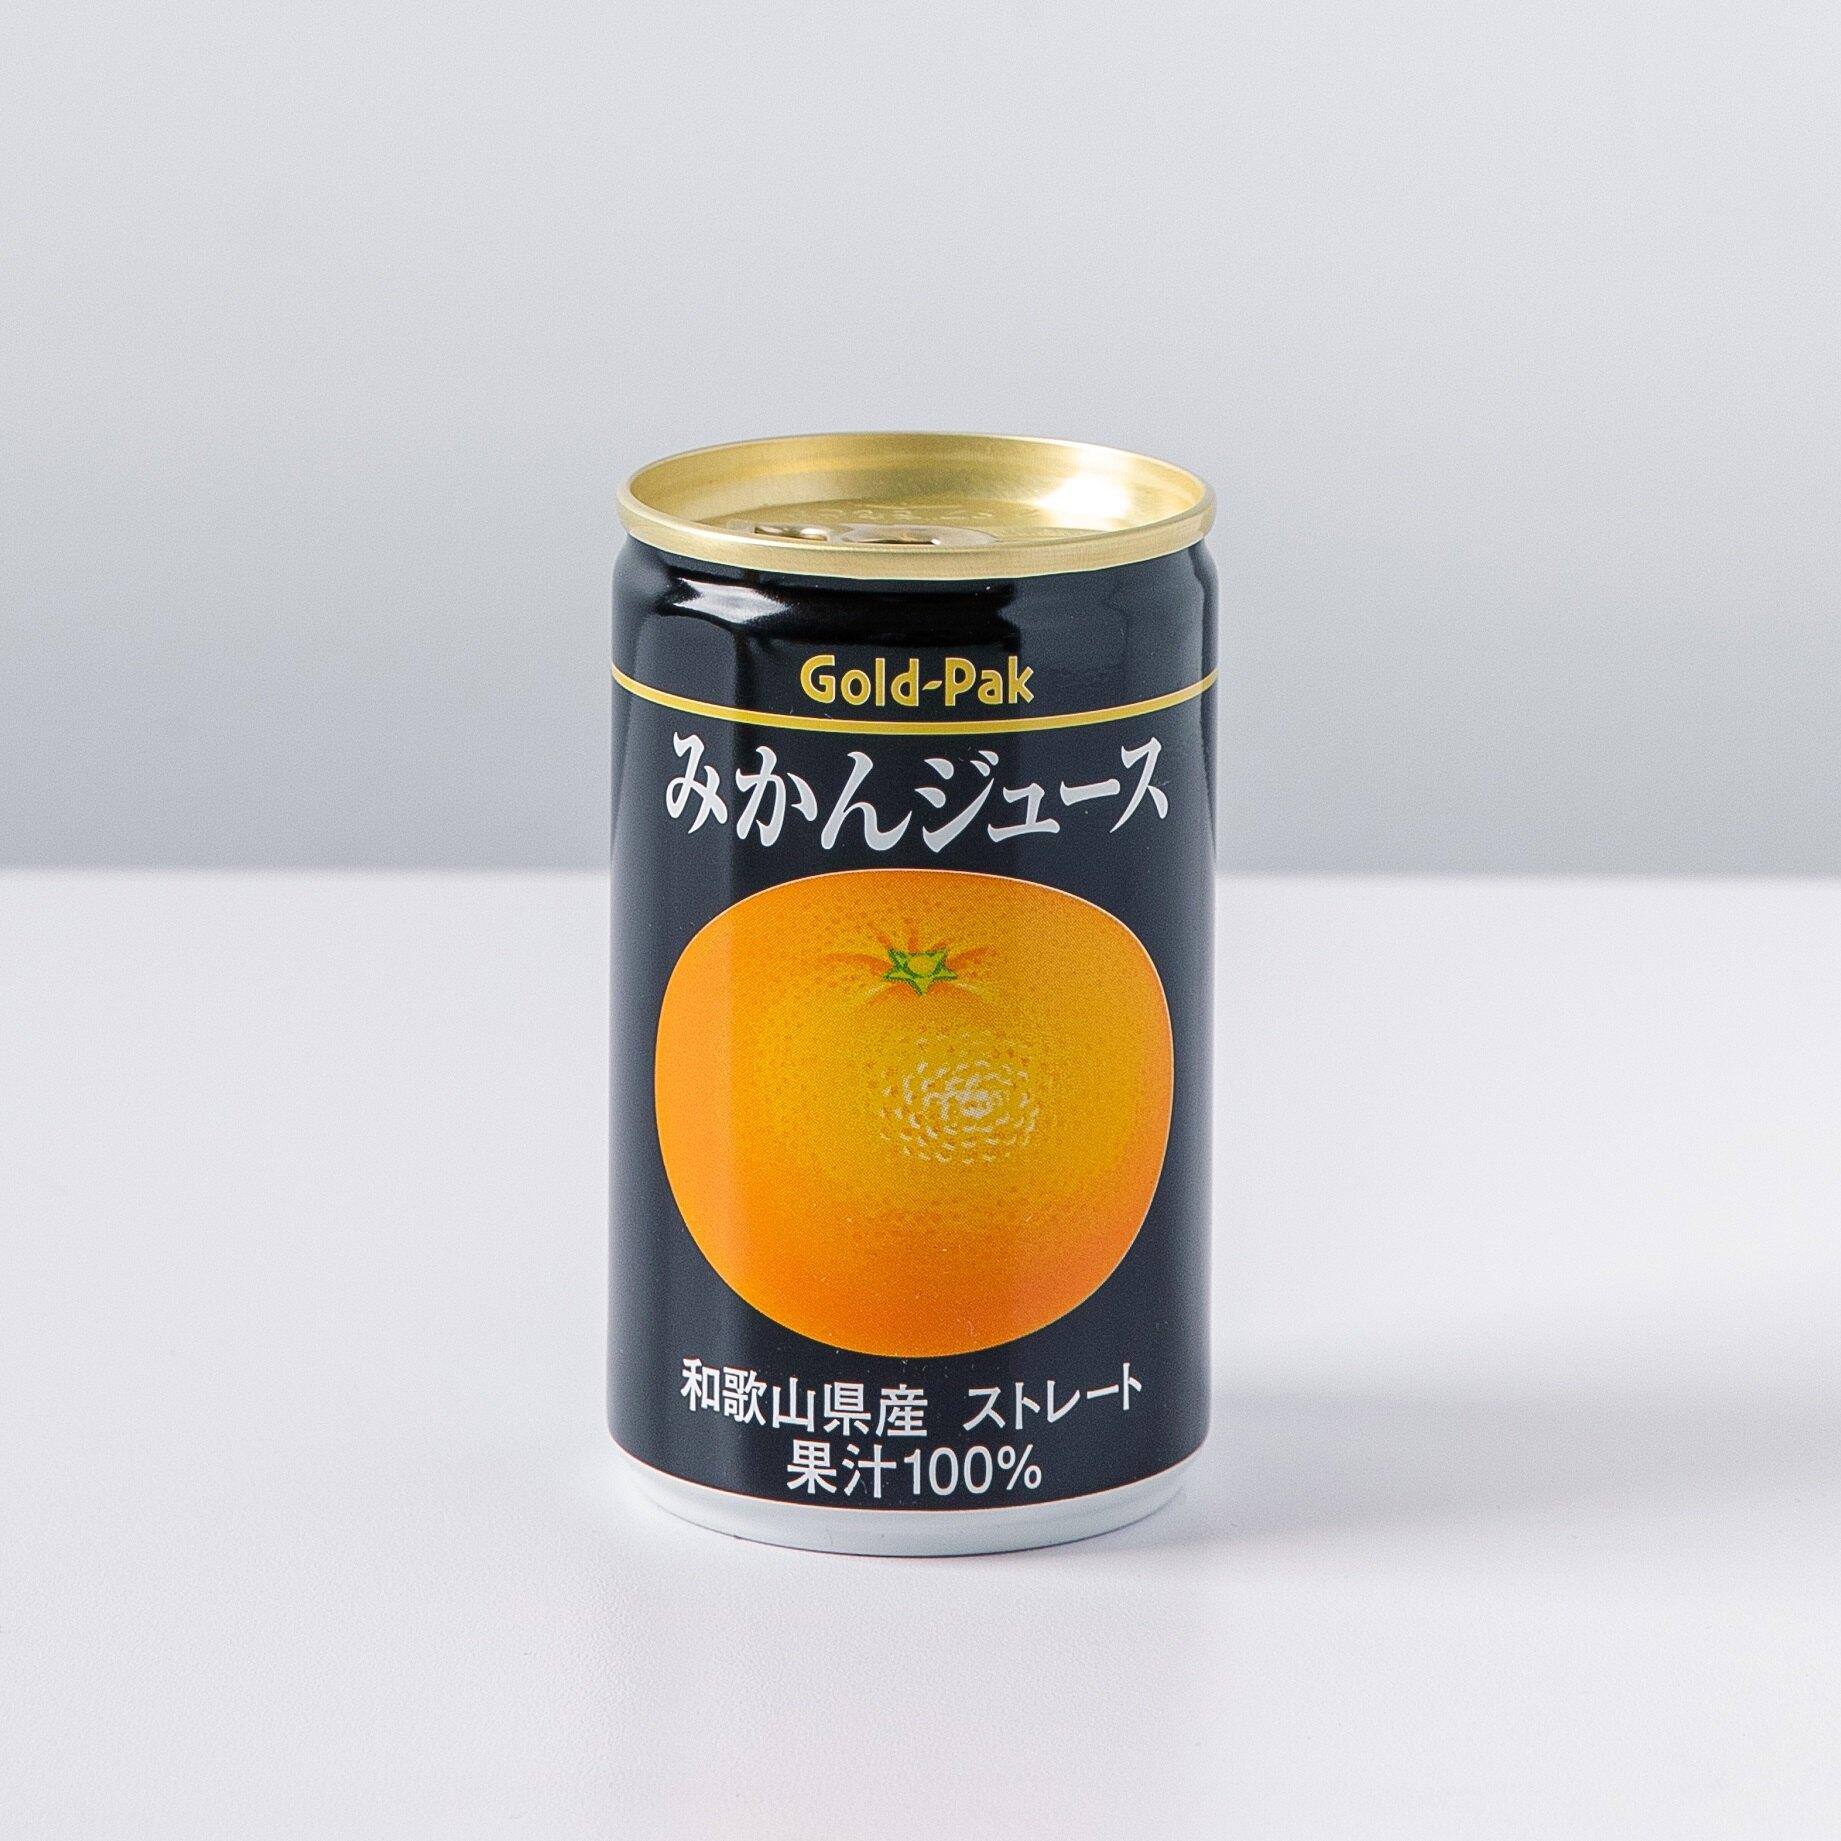 日本Gold-pak的和歌山蜜柑果汁160ml